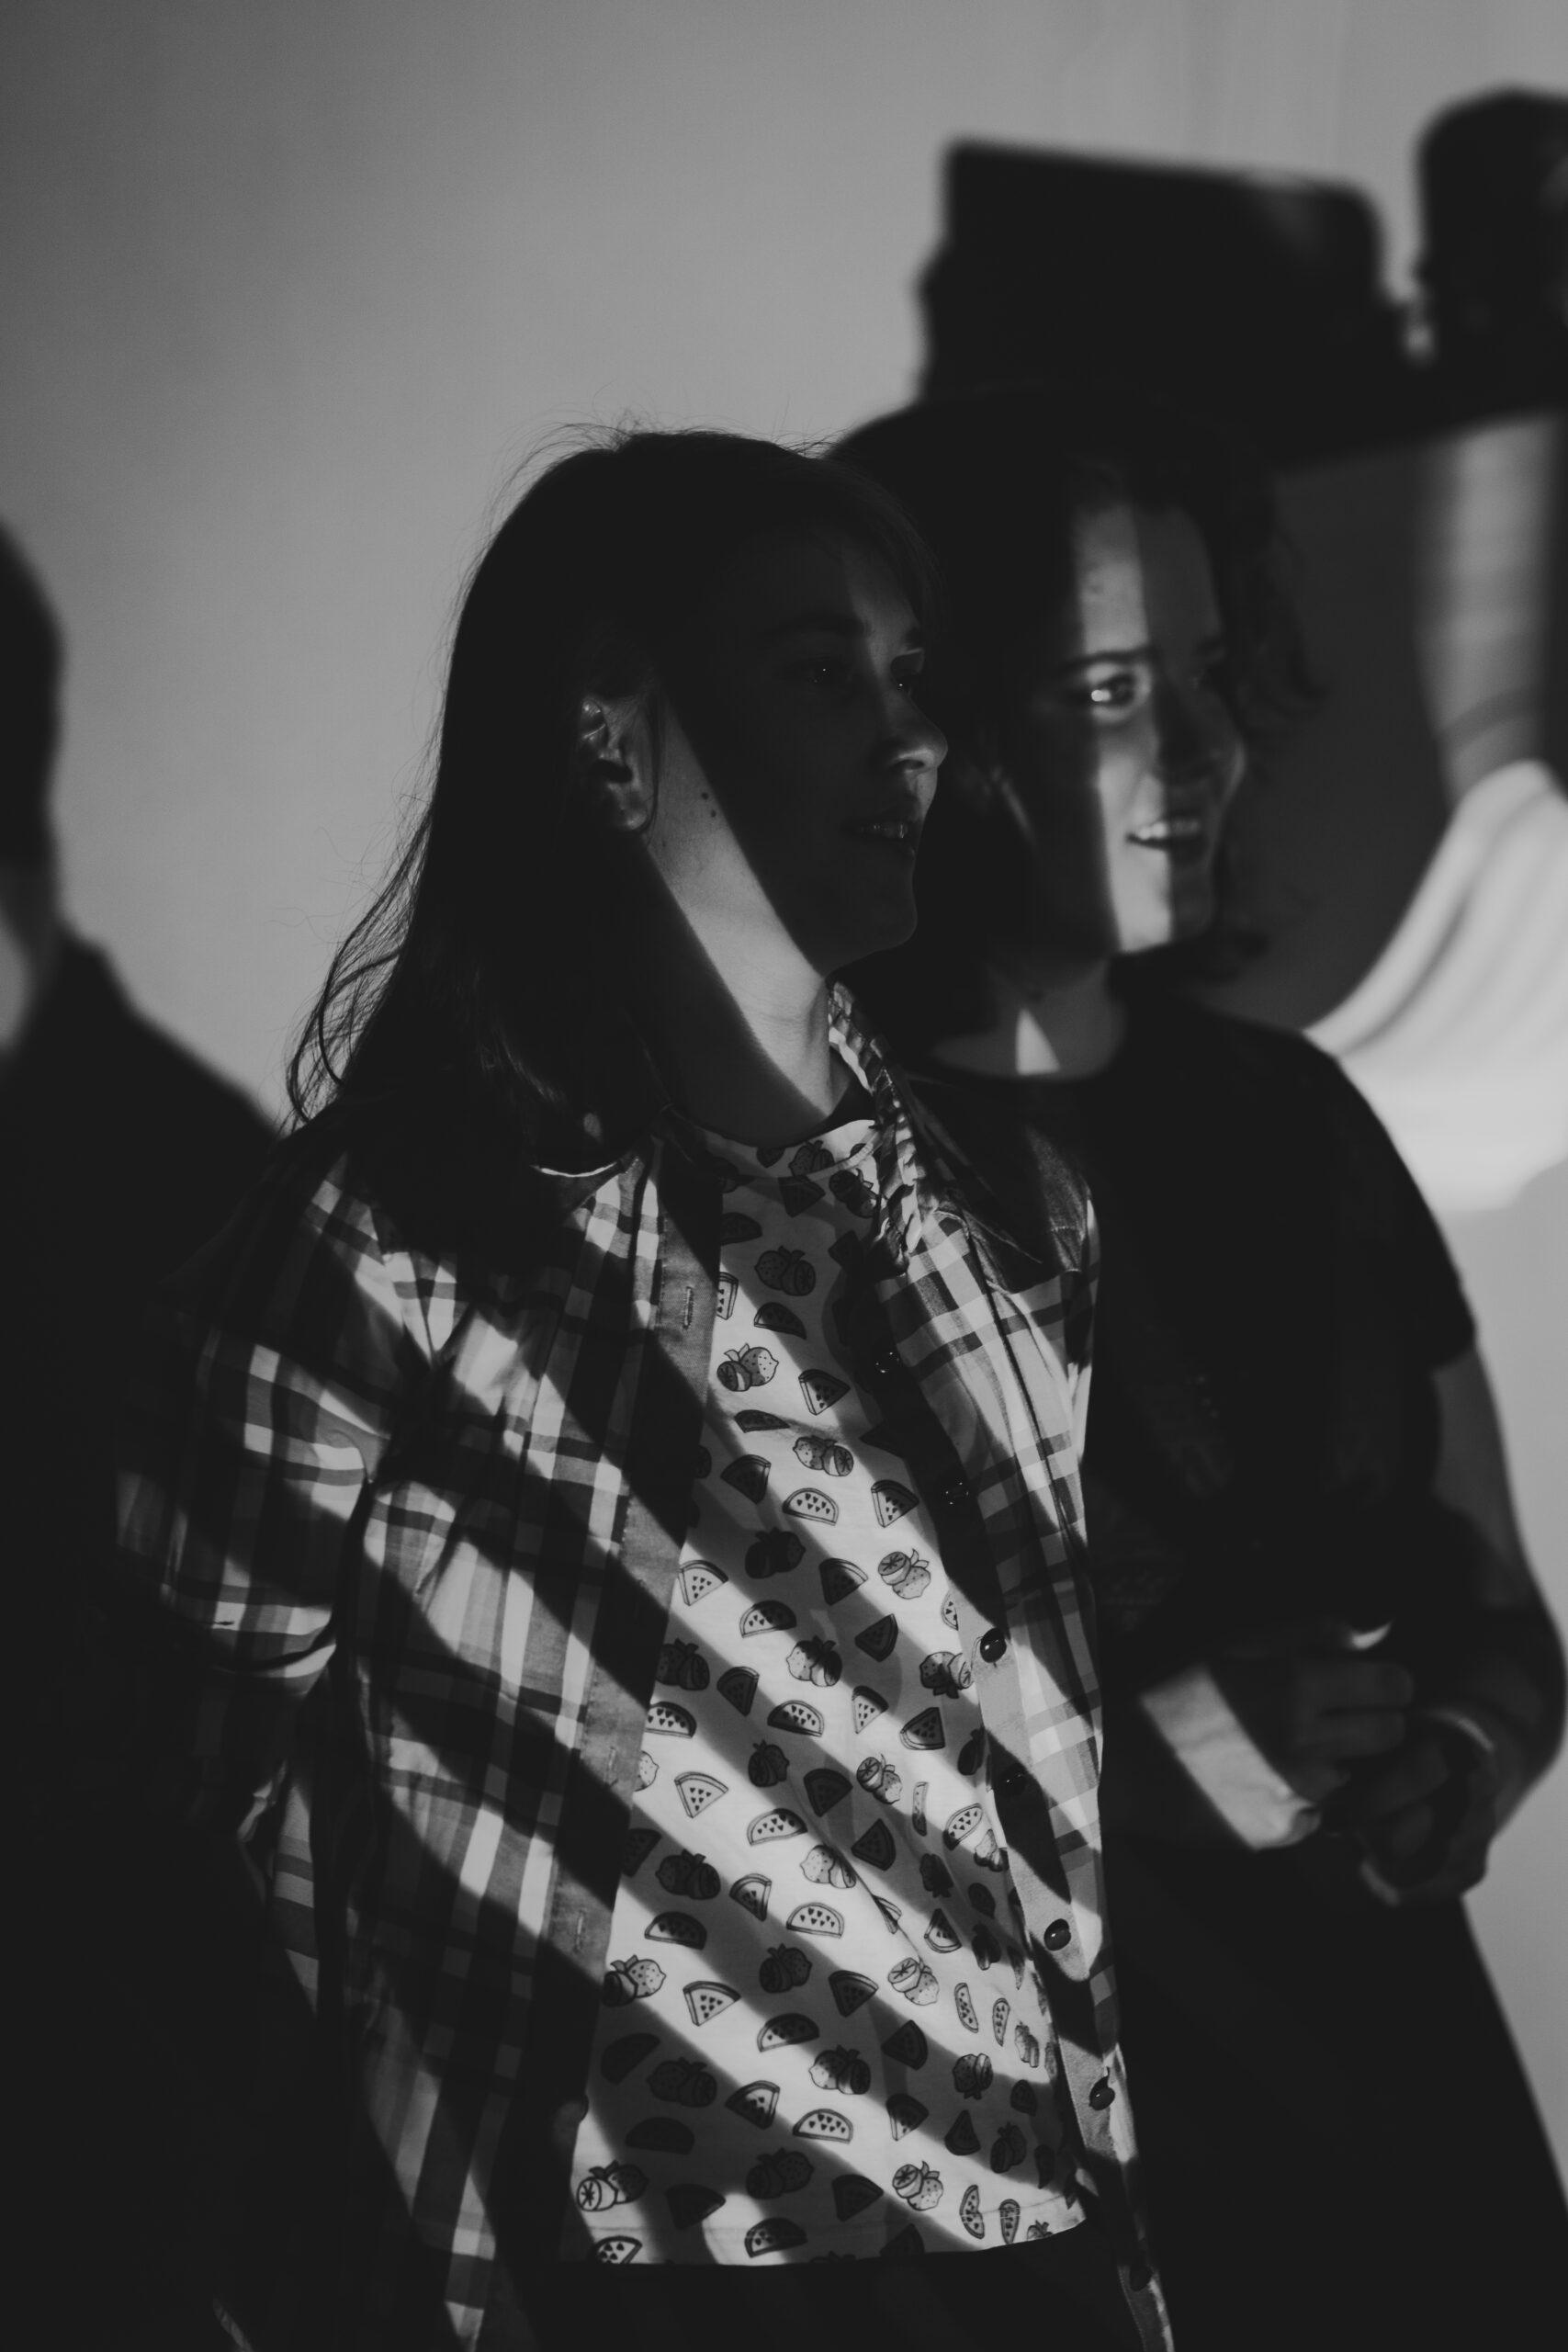 ReaaliVabalava -- MattiasKitsing -- 20190131 19-43-10